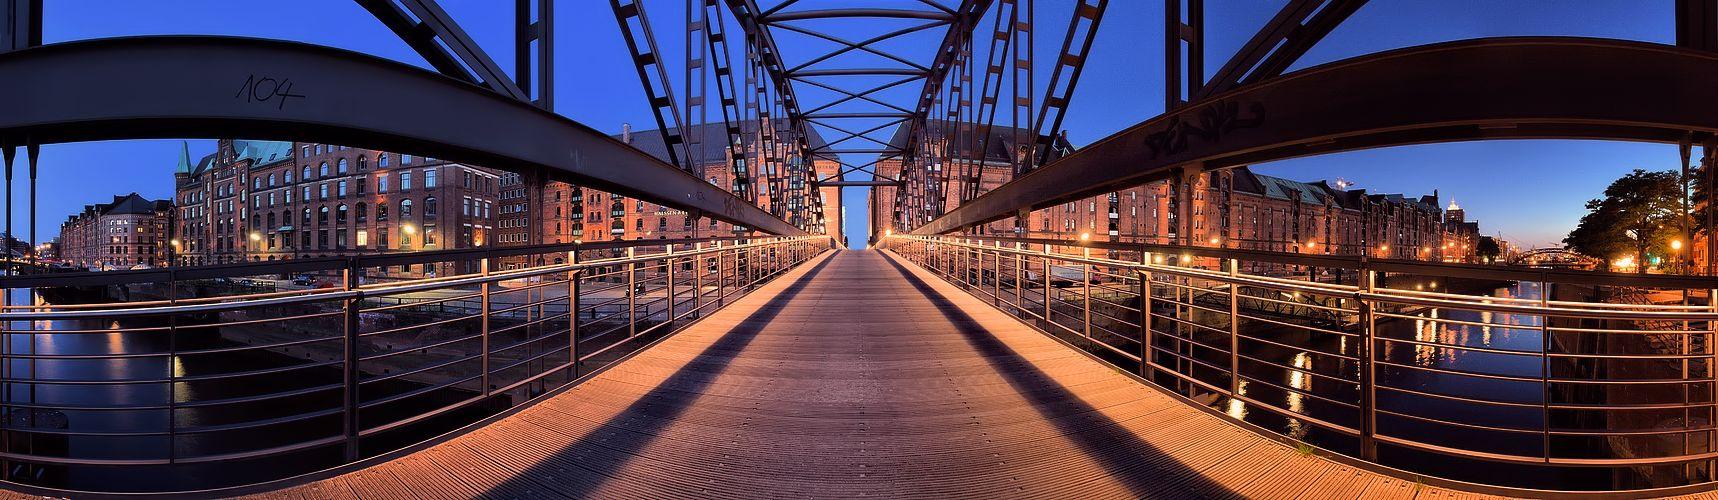 # Brücke #